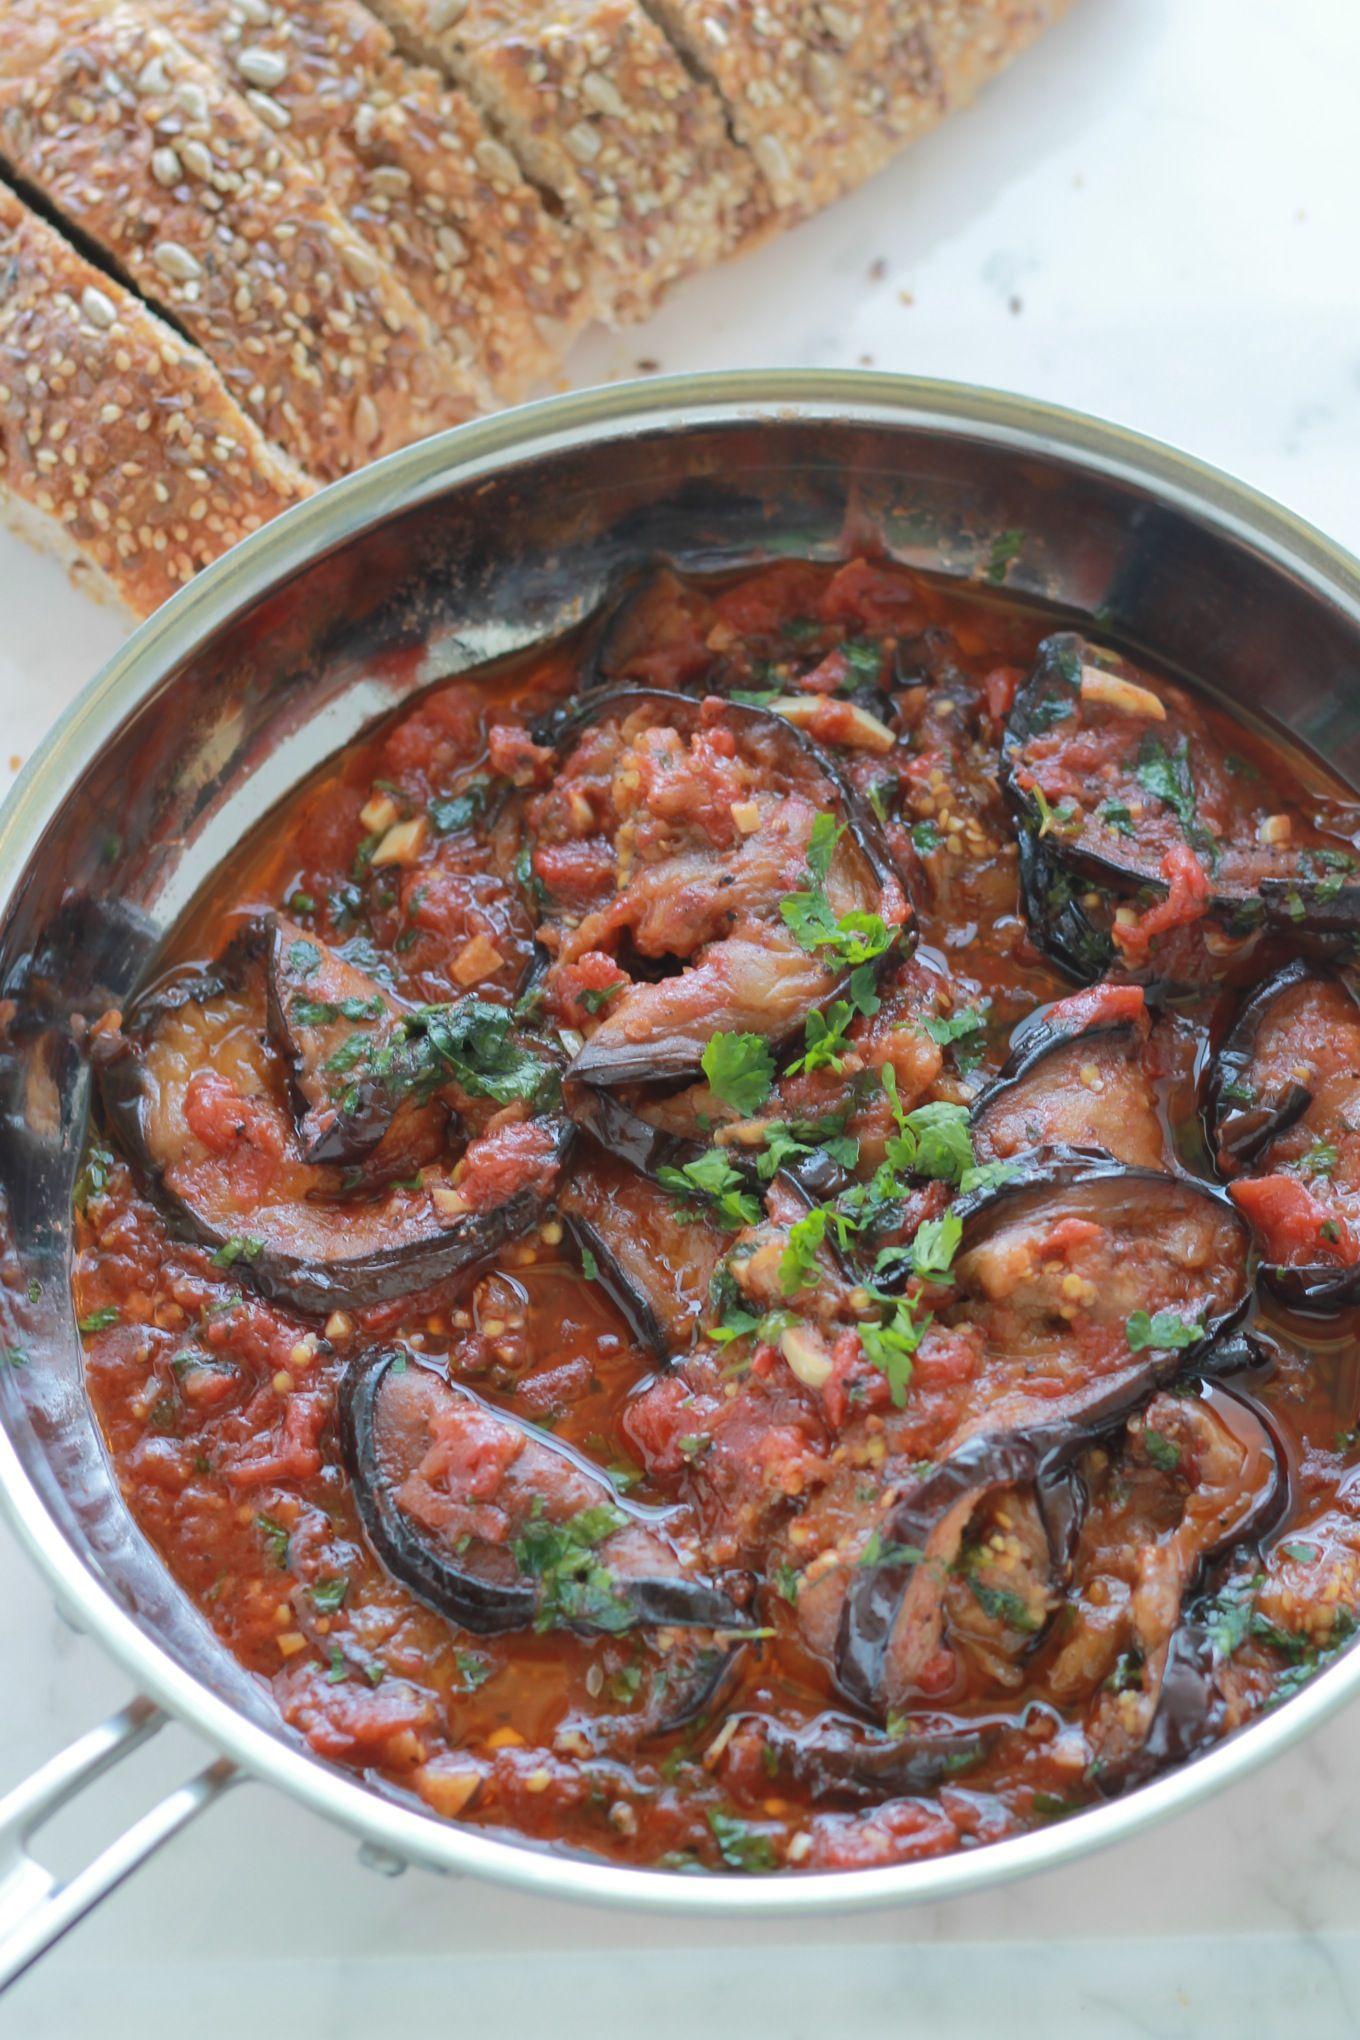 Cuisine Aubergine Et Gris Meilleur De Image Aubergines Sauce tomate Recette Pinterest